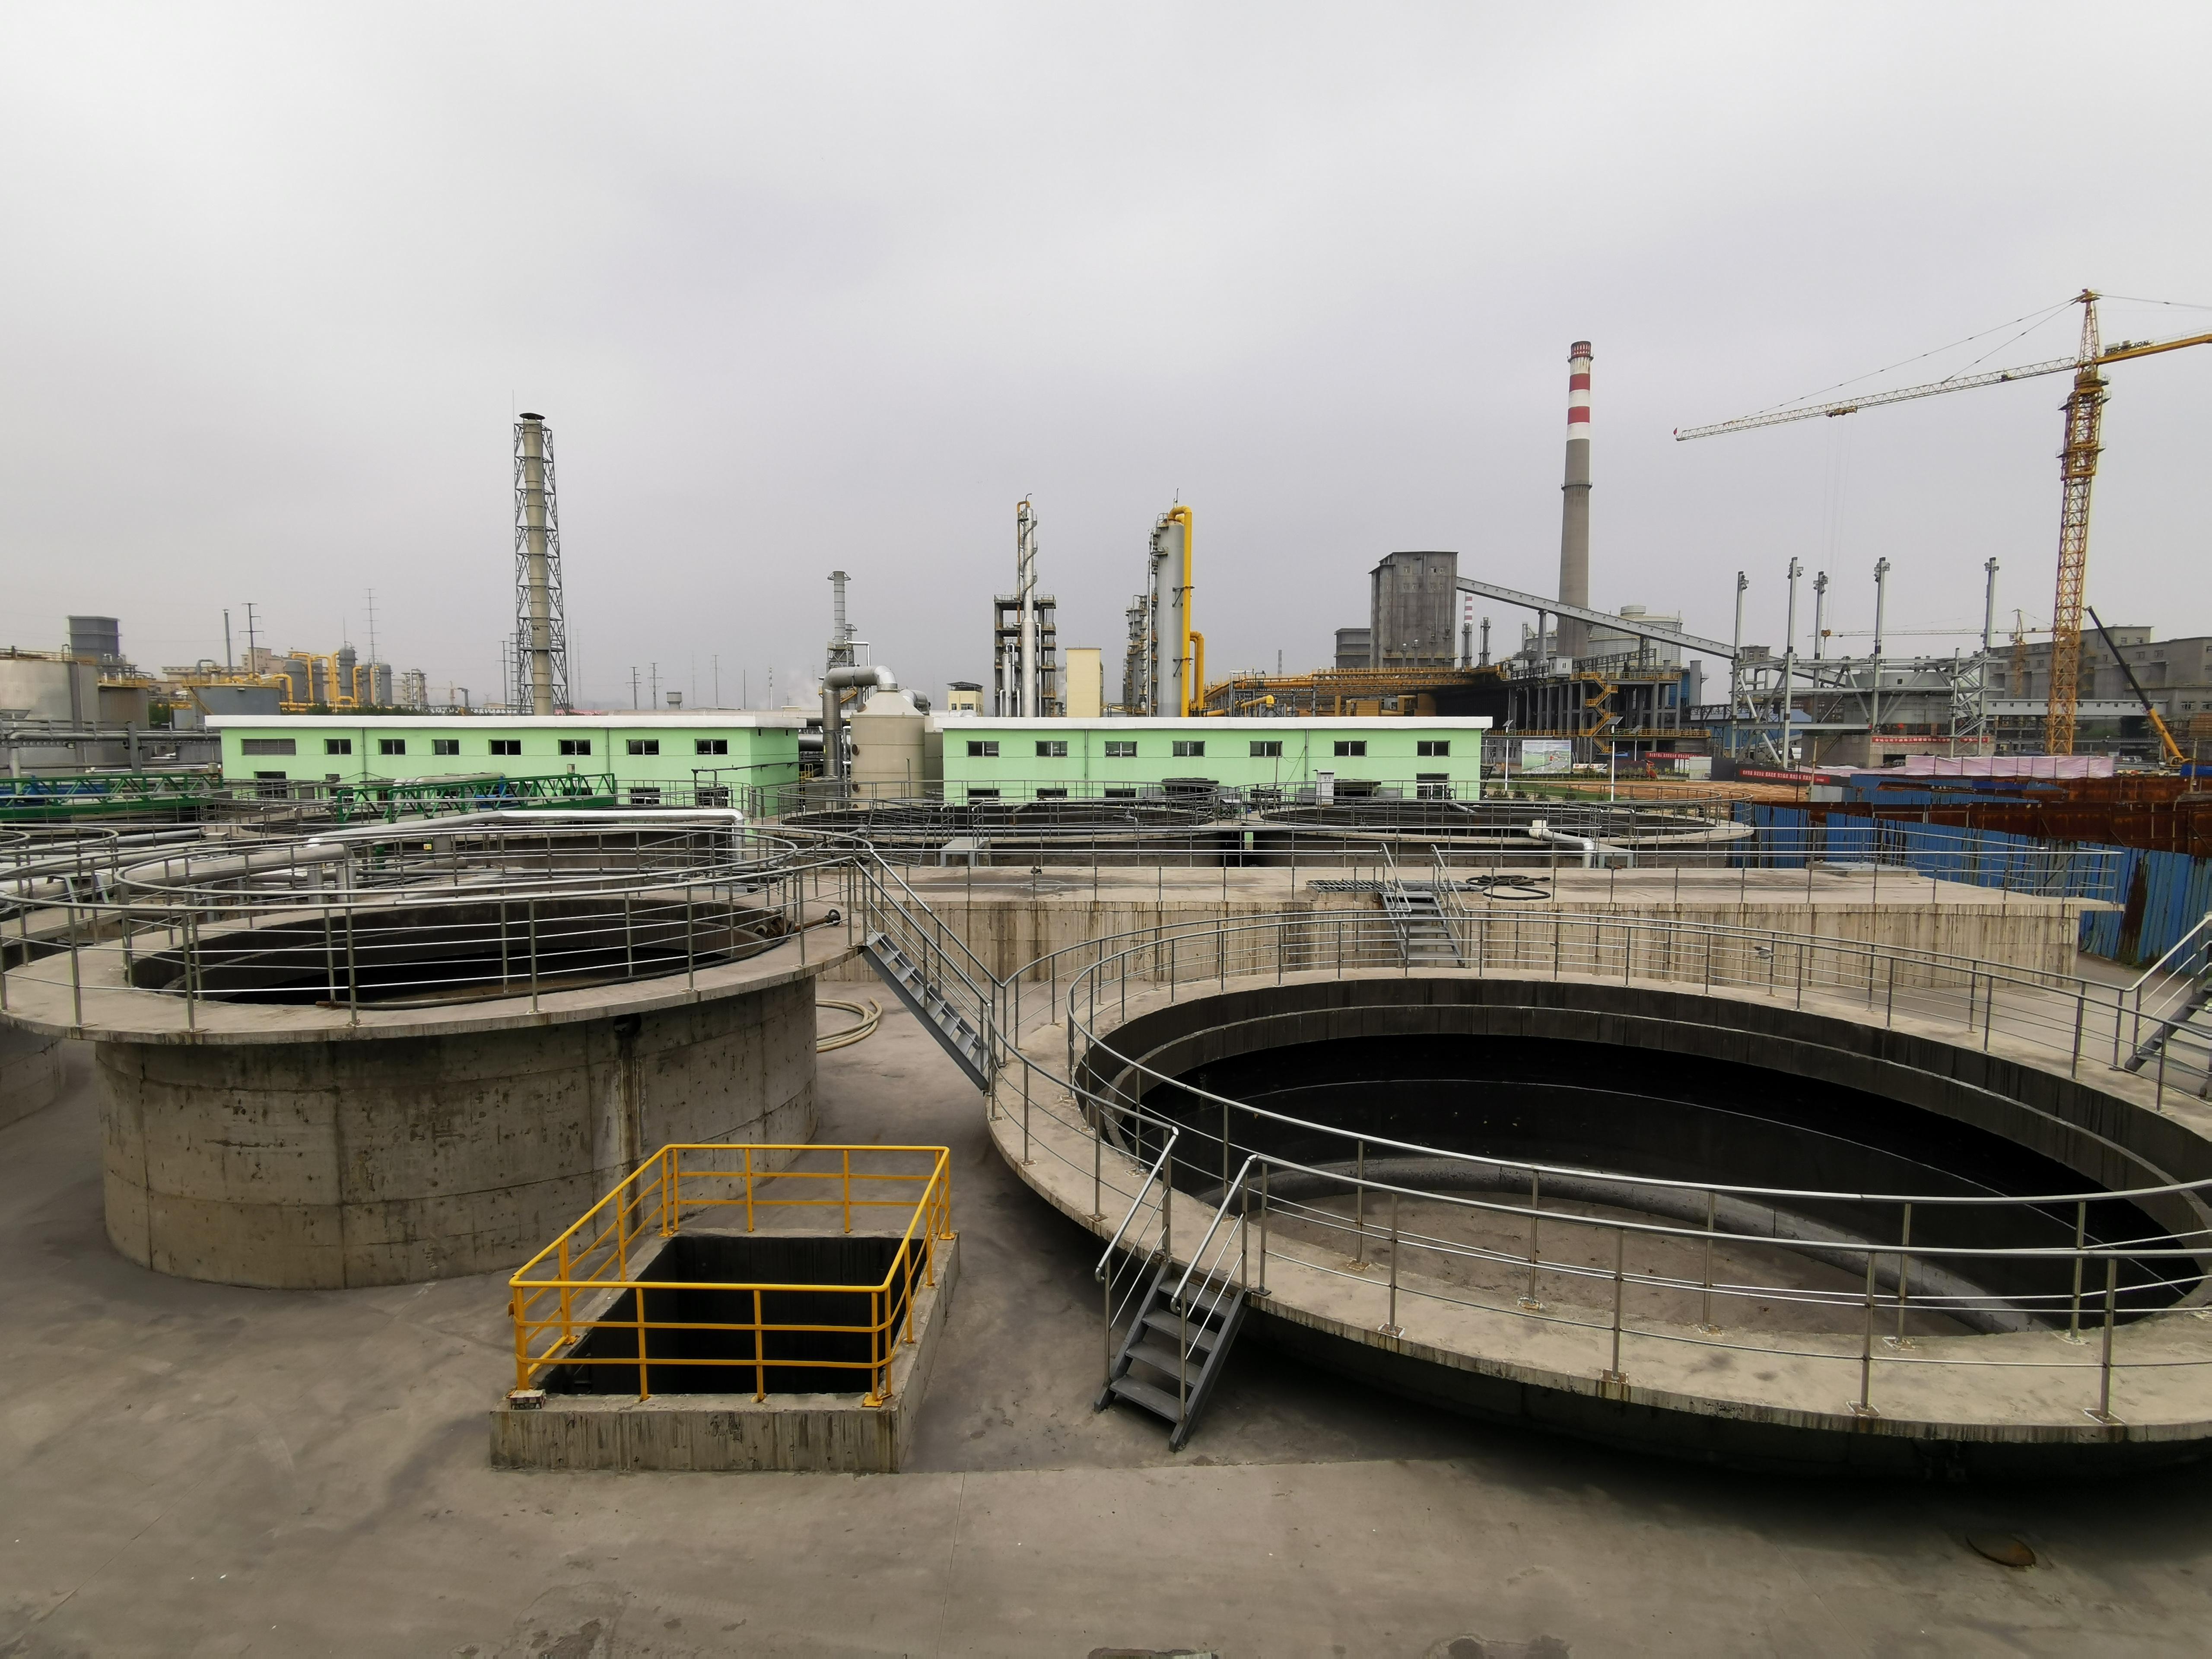 山西稷山永祥煤焦有限公司综合废水处理及除臭项目(在建)